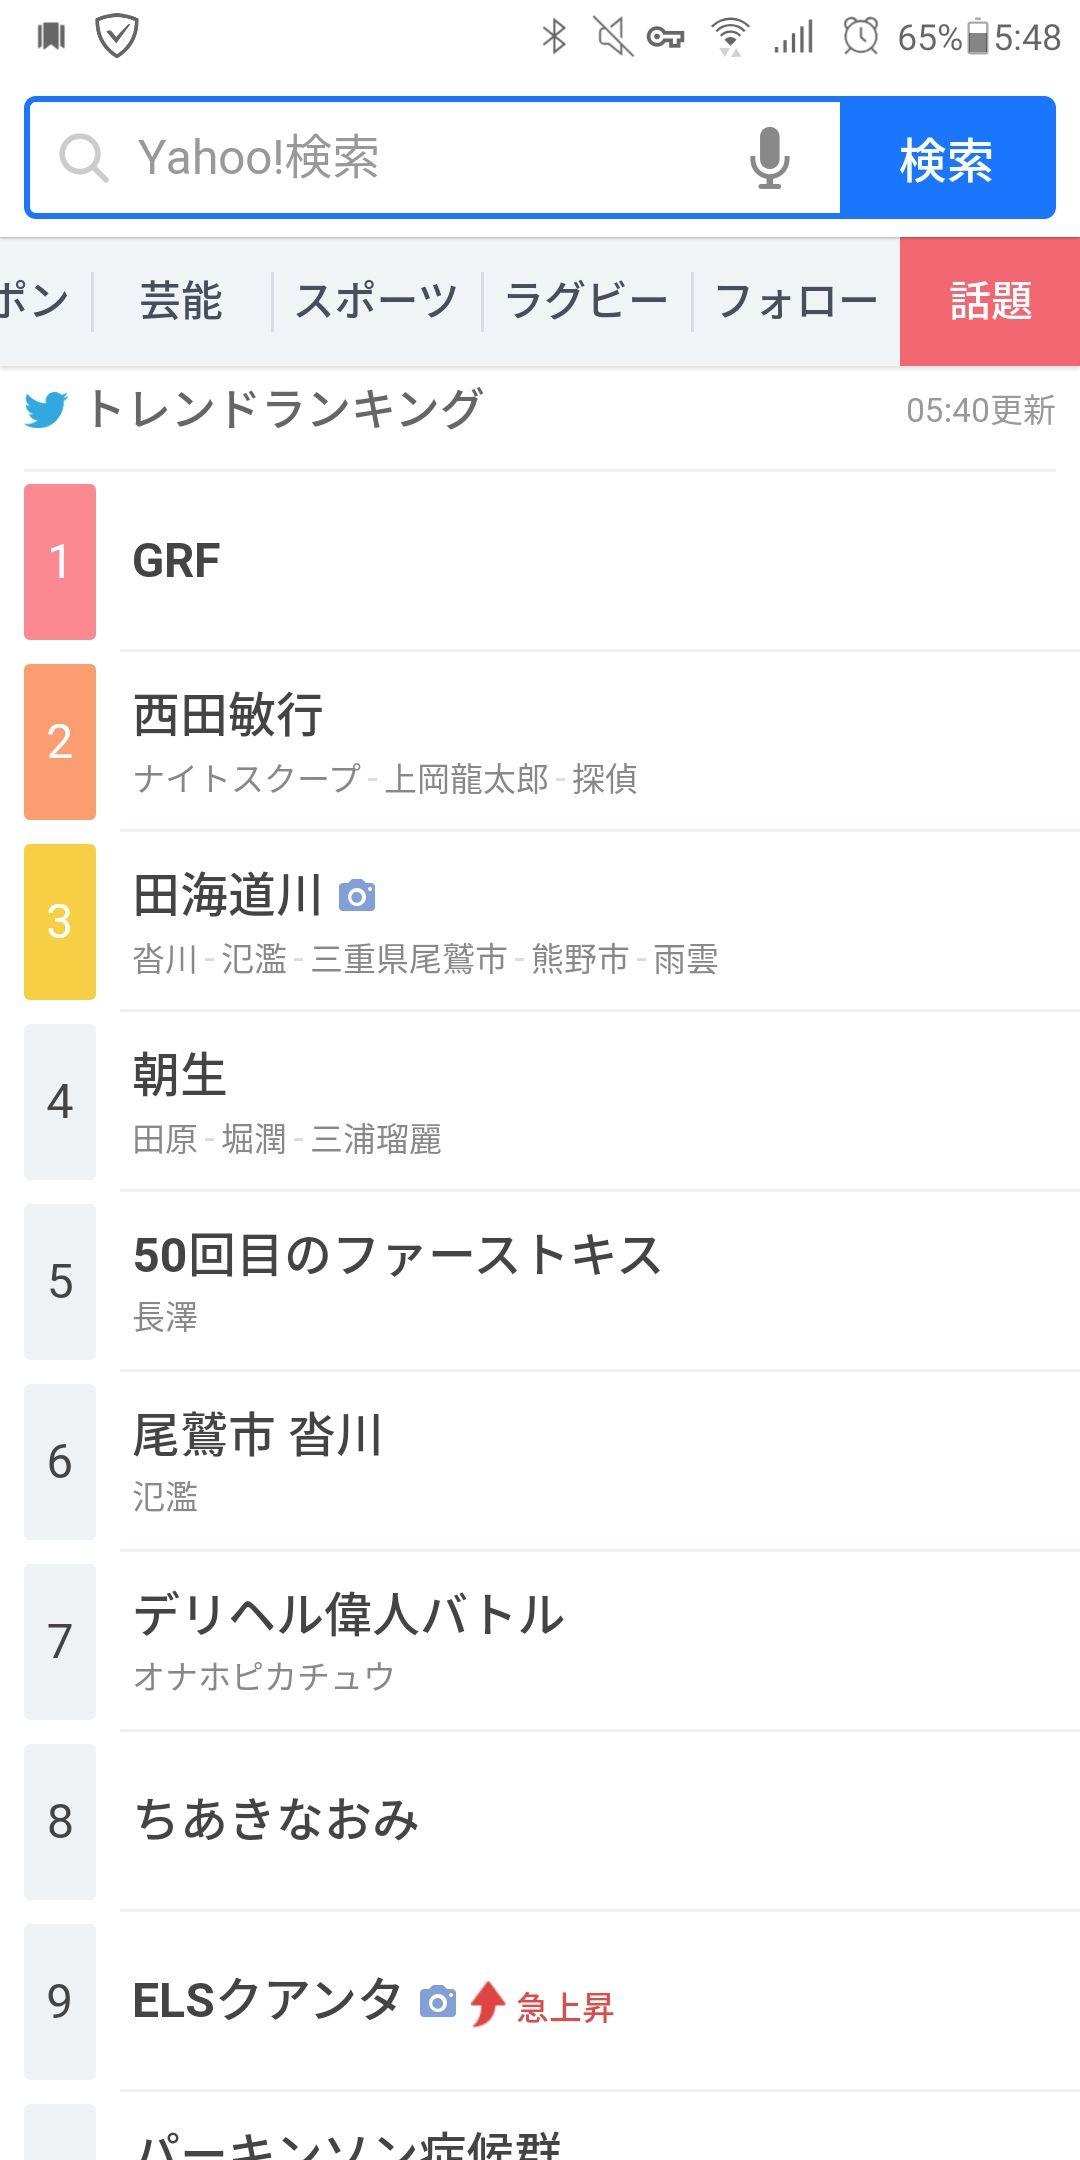 【朗報】FGOさん、遂にあの真名でtwitterトレンドデビュー!www